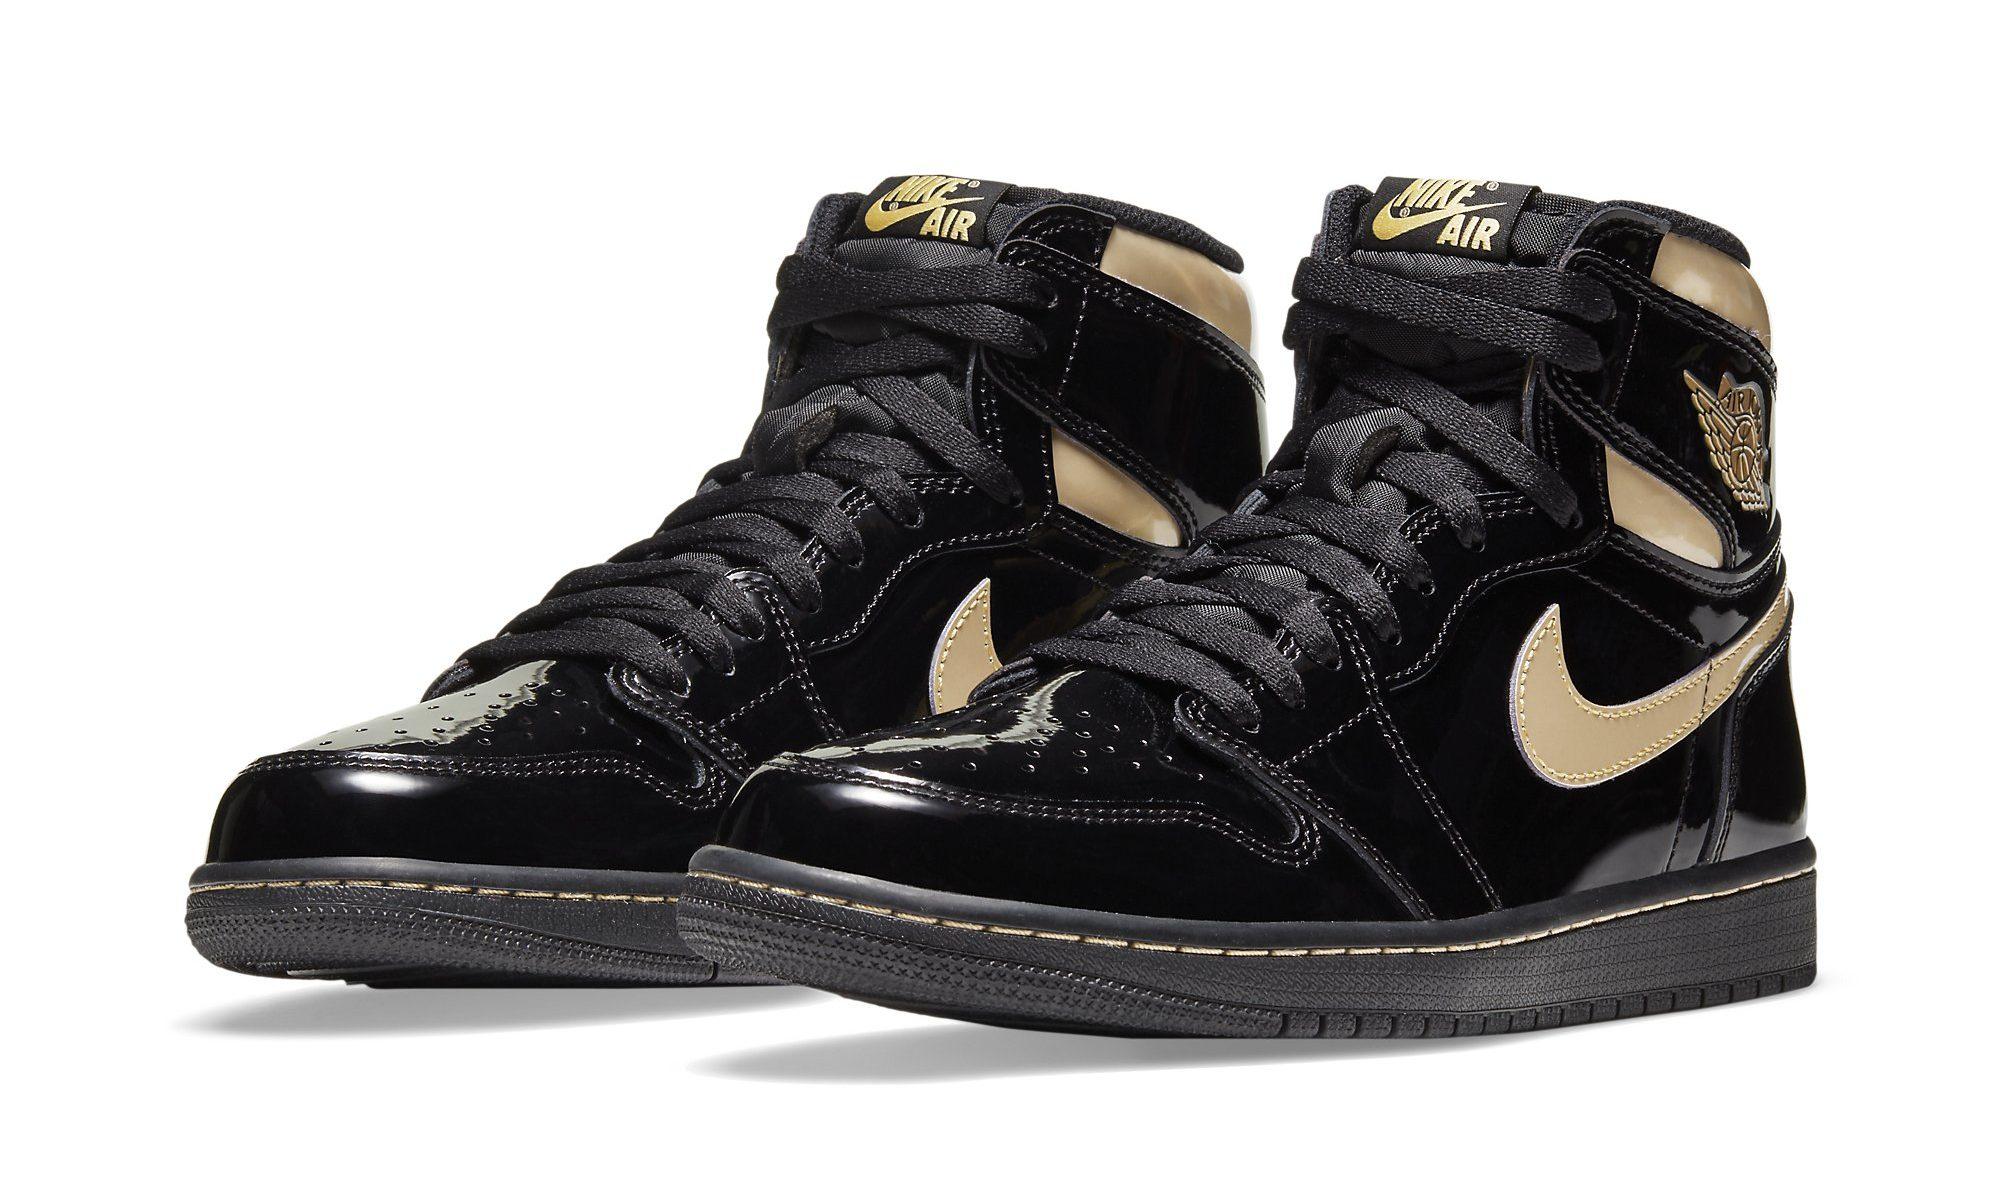 Air Jordan 1 'Black and Gold': Resale